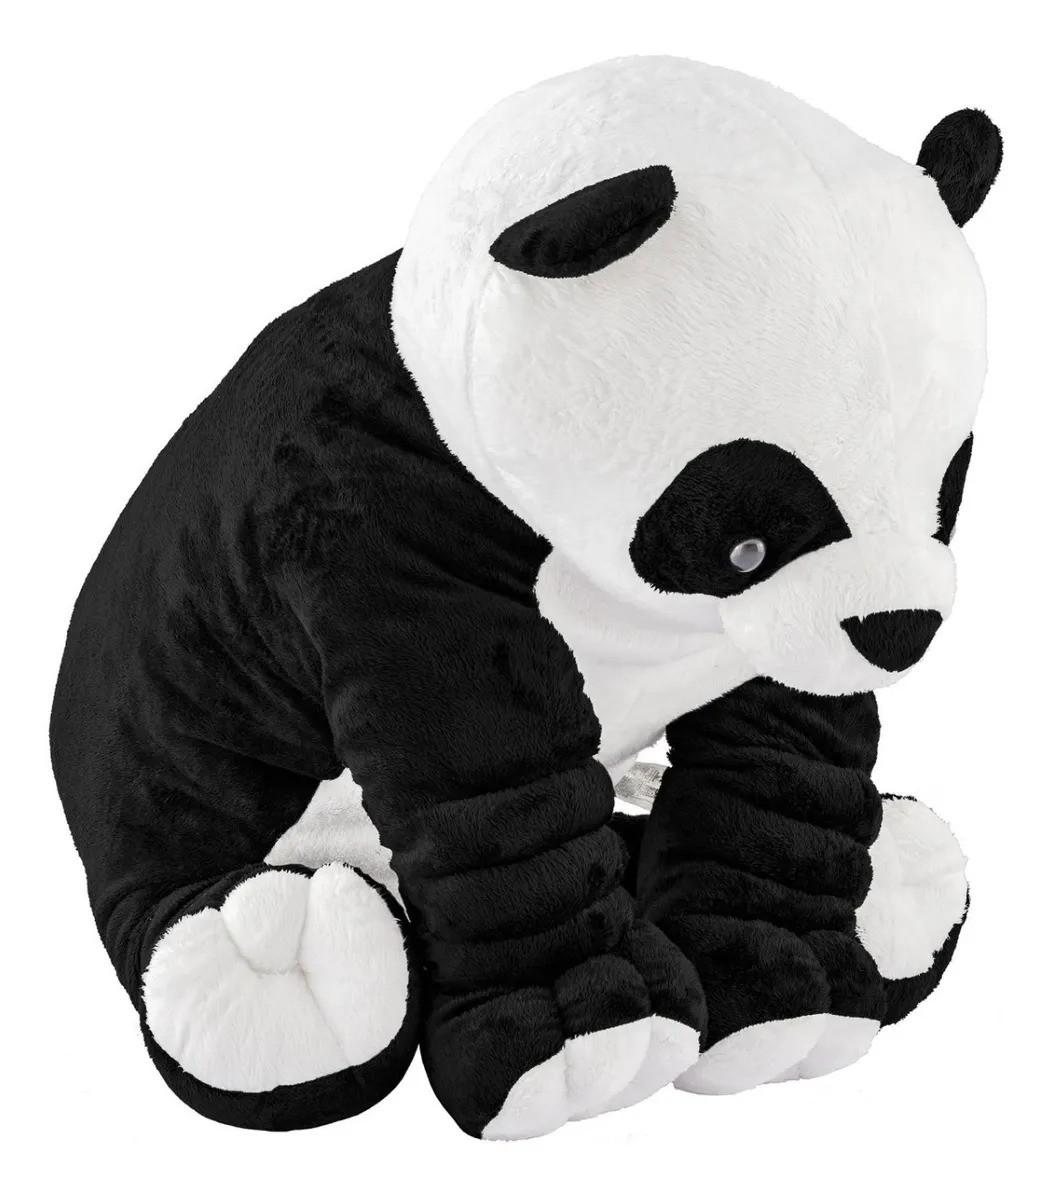 Almofada Travesseiro Panda 80 cm Antialérgico 1227 Mury Baby.